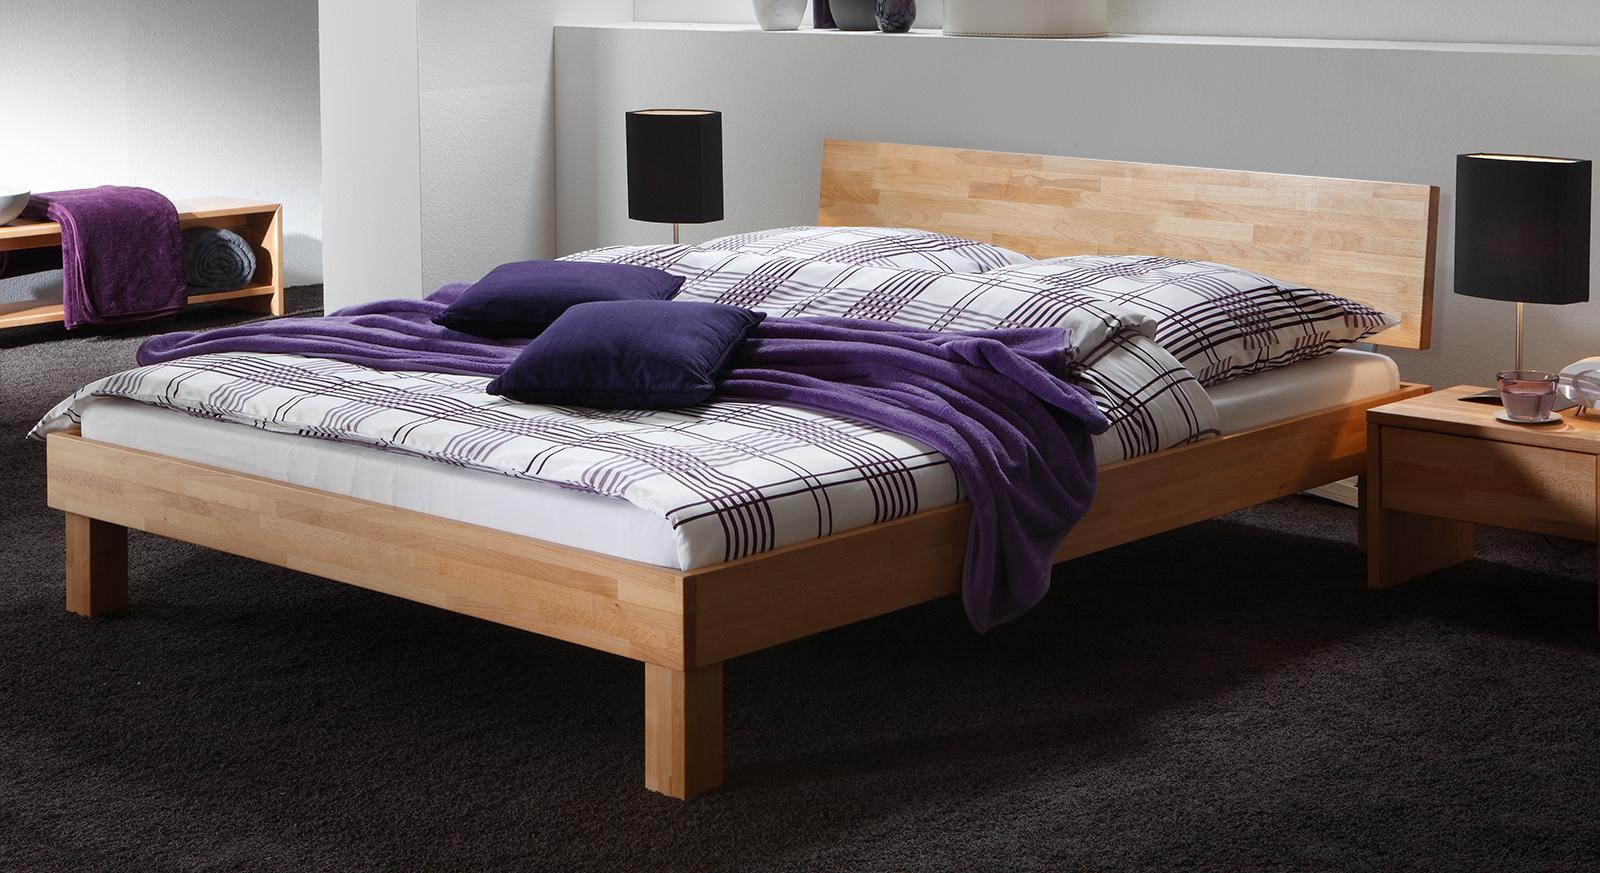 gute g nstige betten badm bel 2017. Black Bedroom Furniture Sets. Home Design Ideas